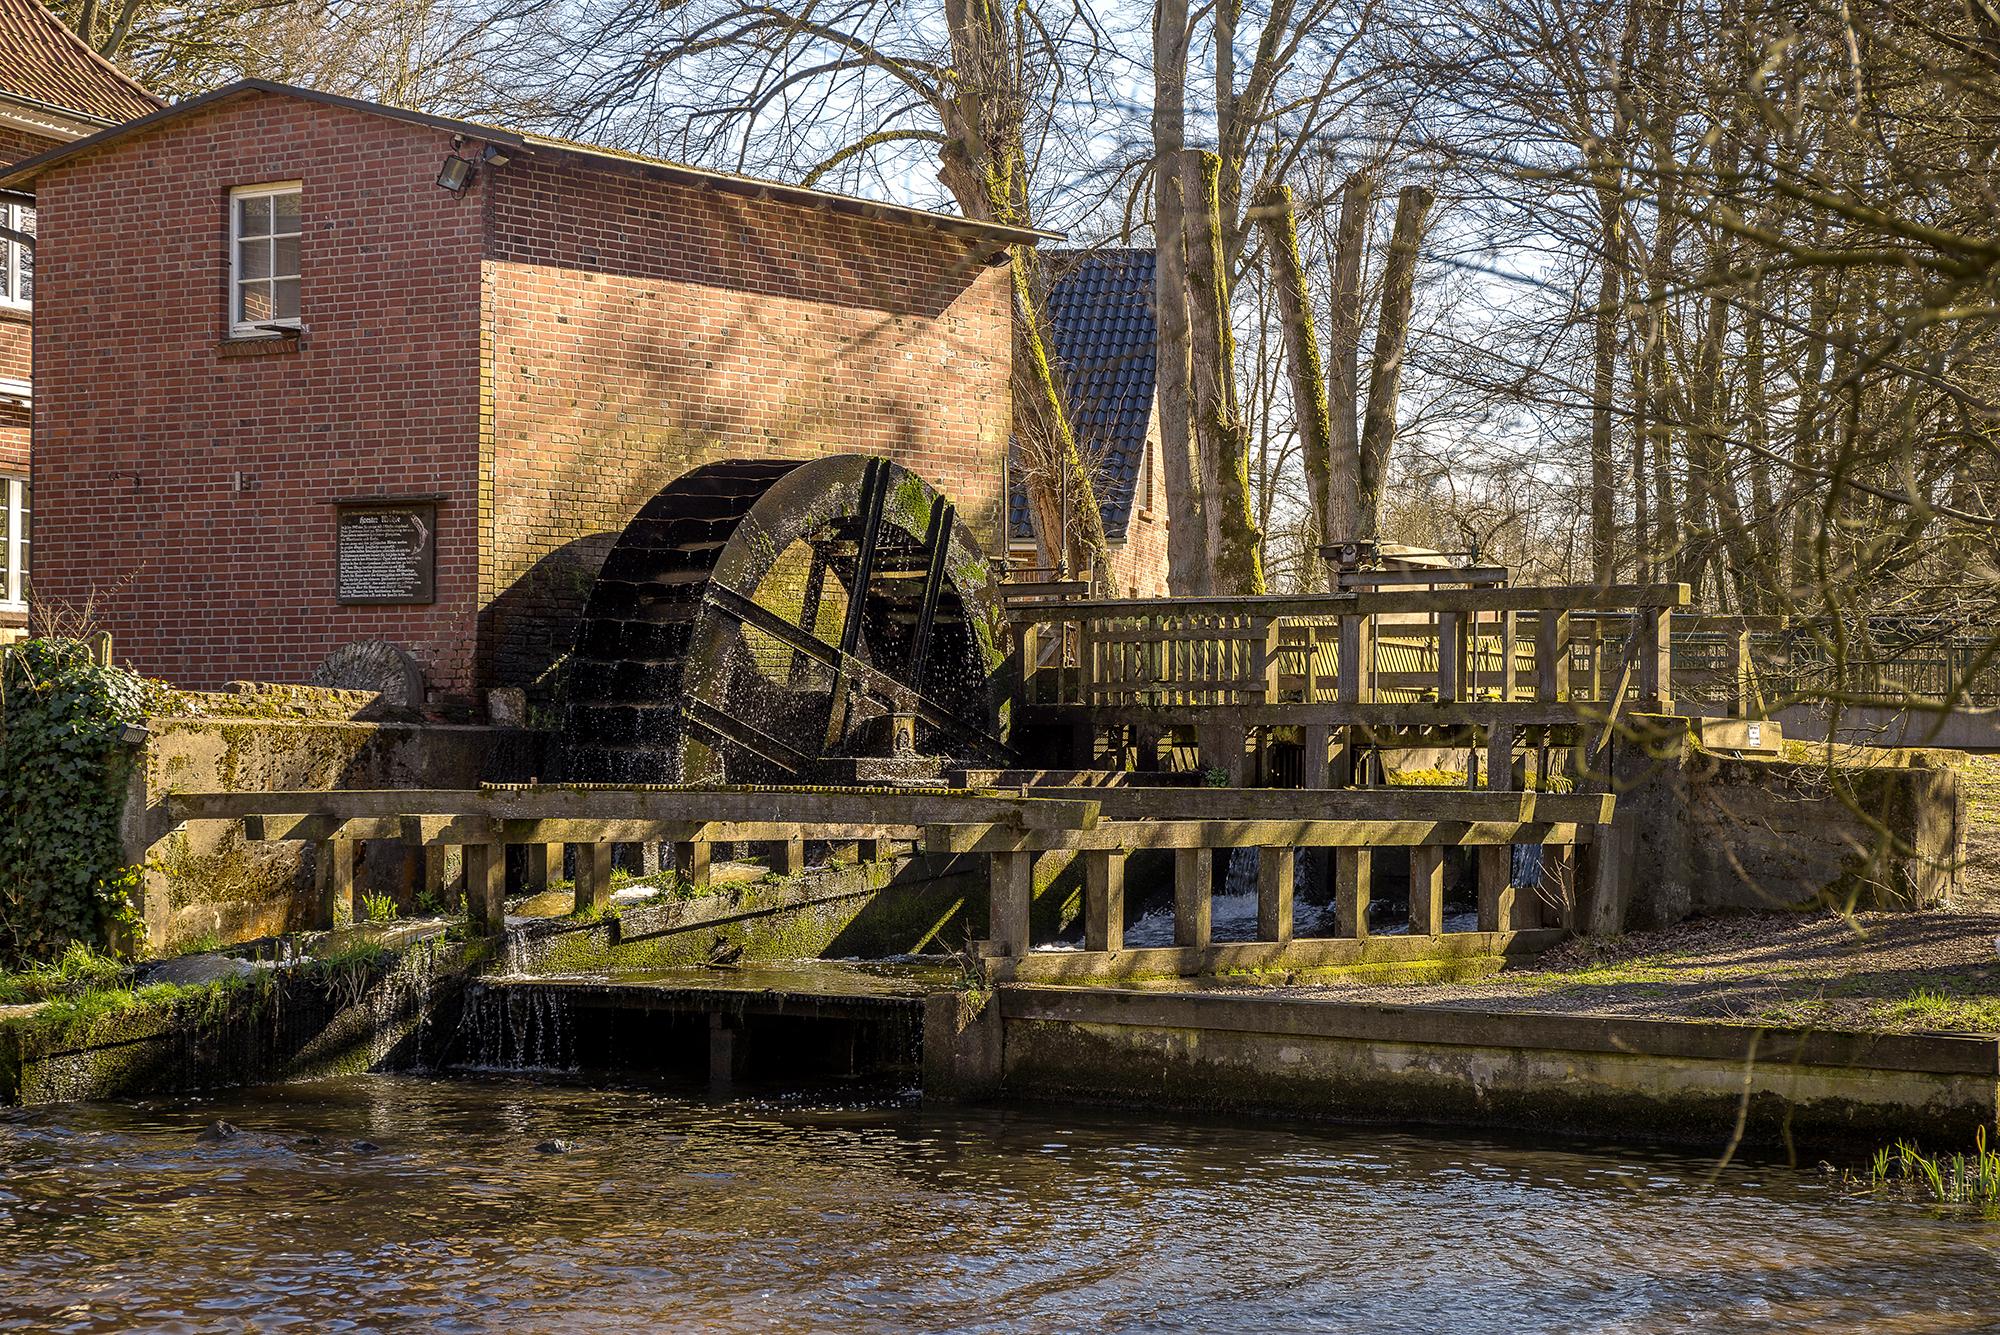 Wassermühle Horst, Germany